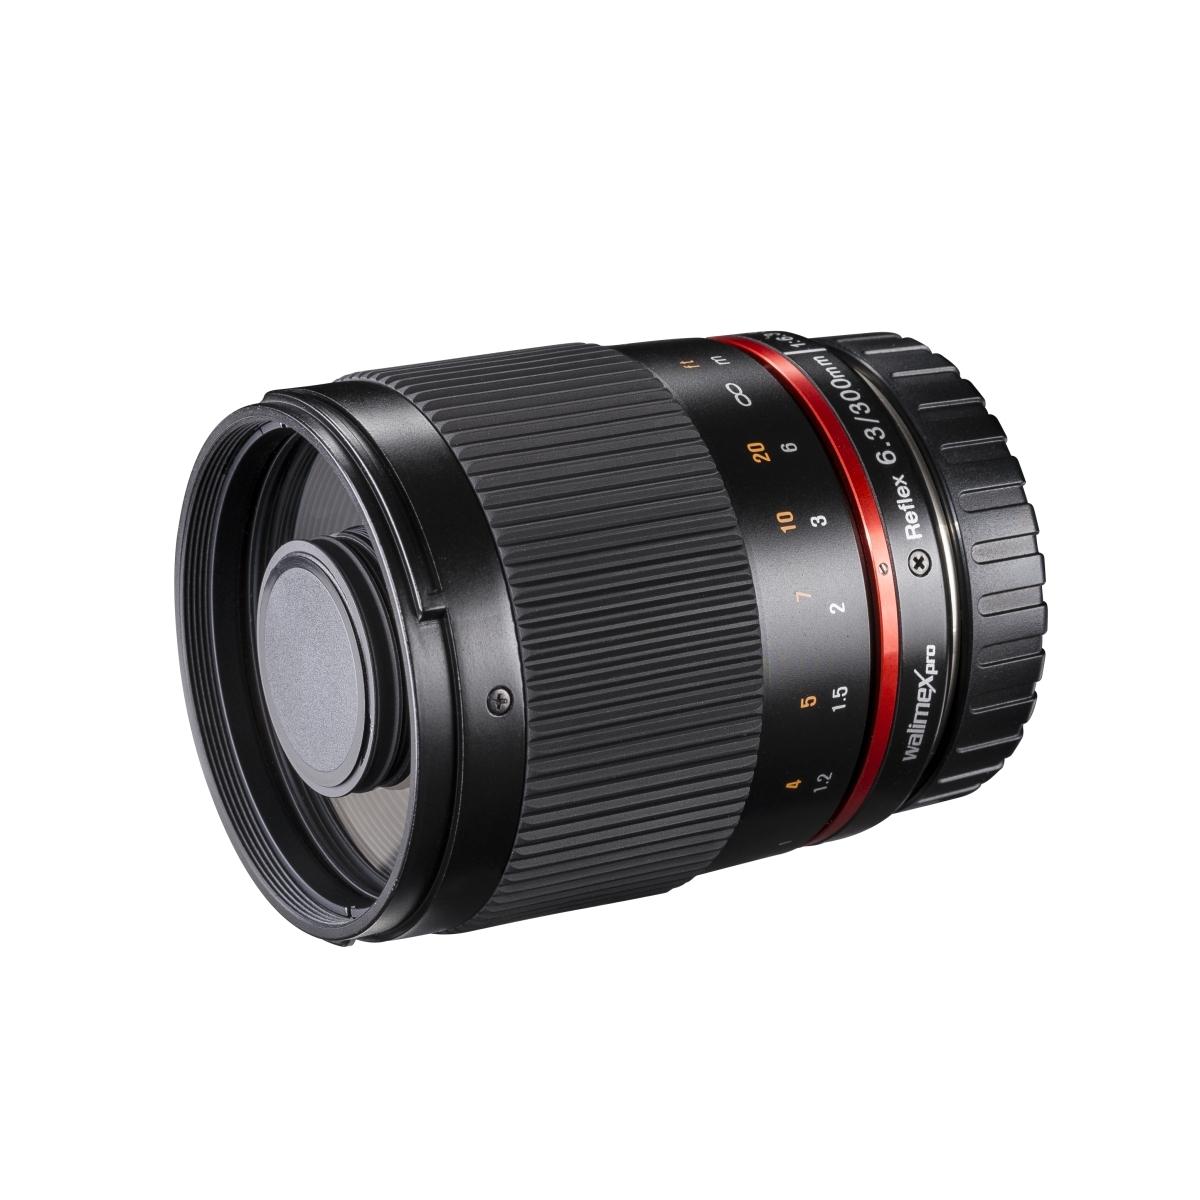 walimex pro 300/6,3 CSC Spiegeltele Objektiv für Sony E schwarz | eBay